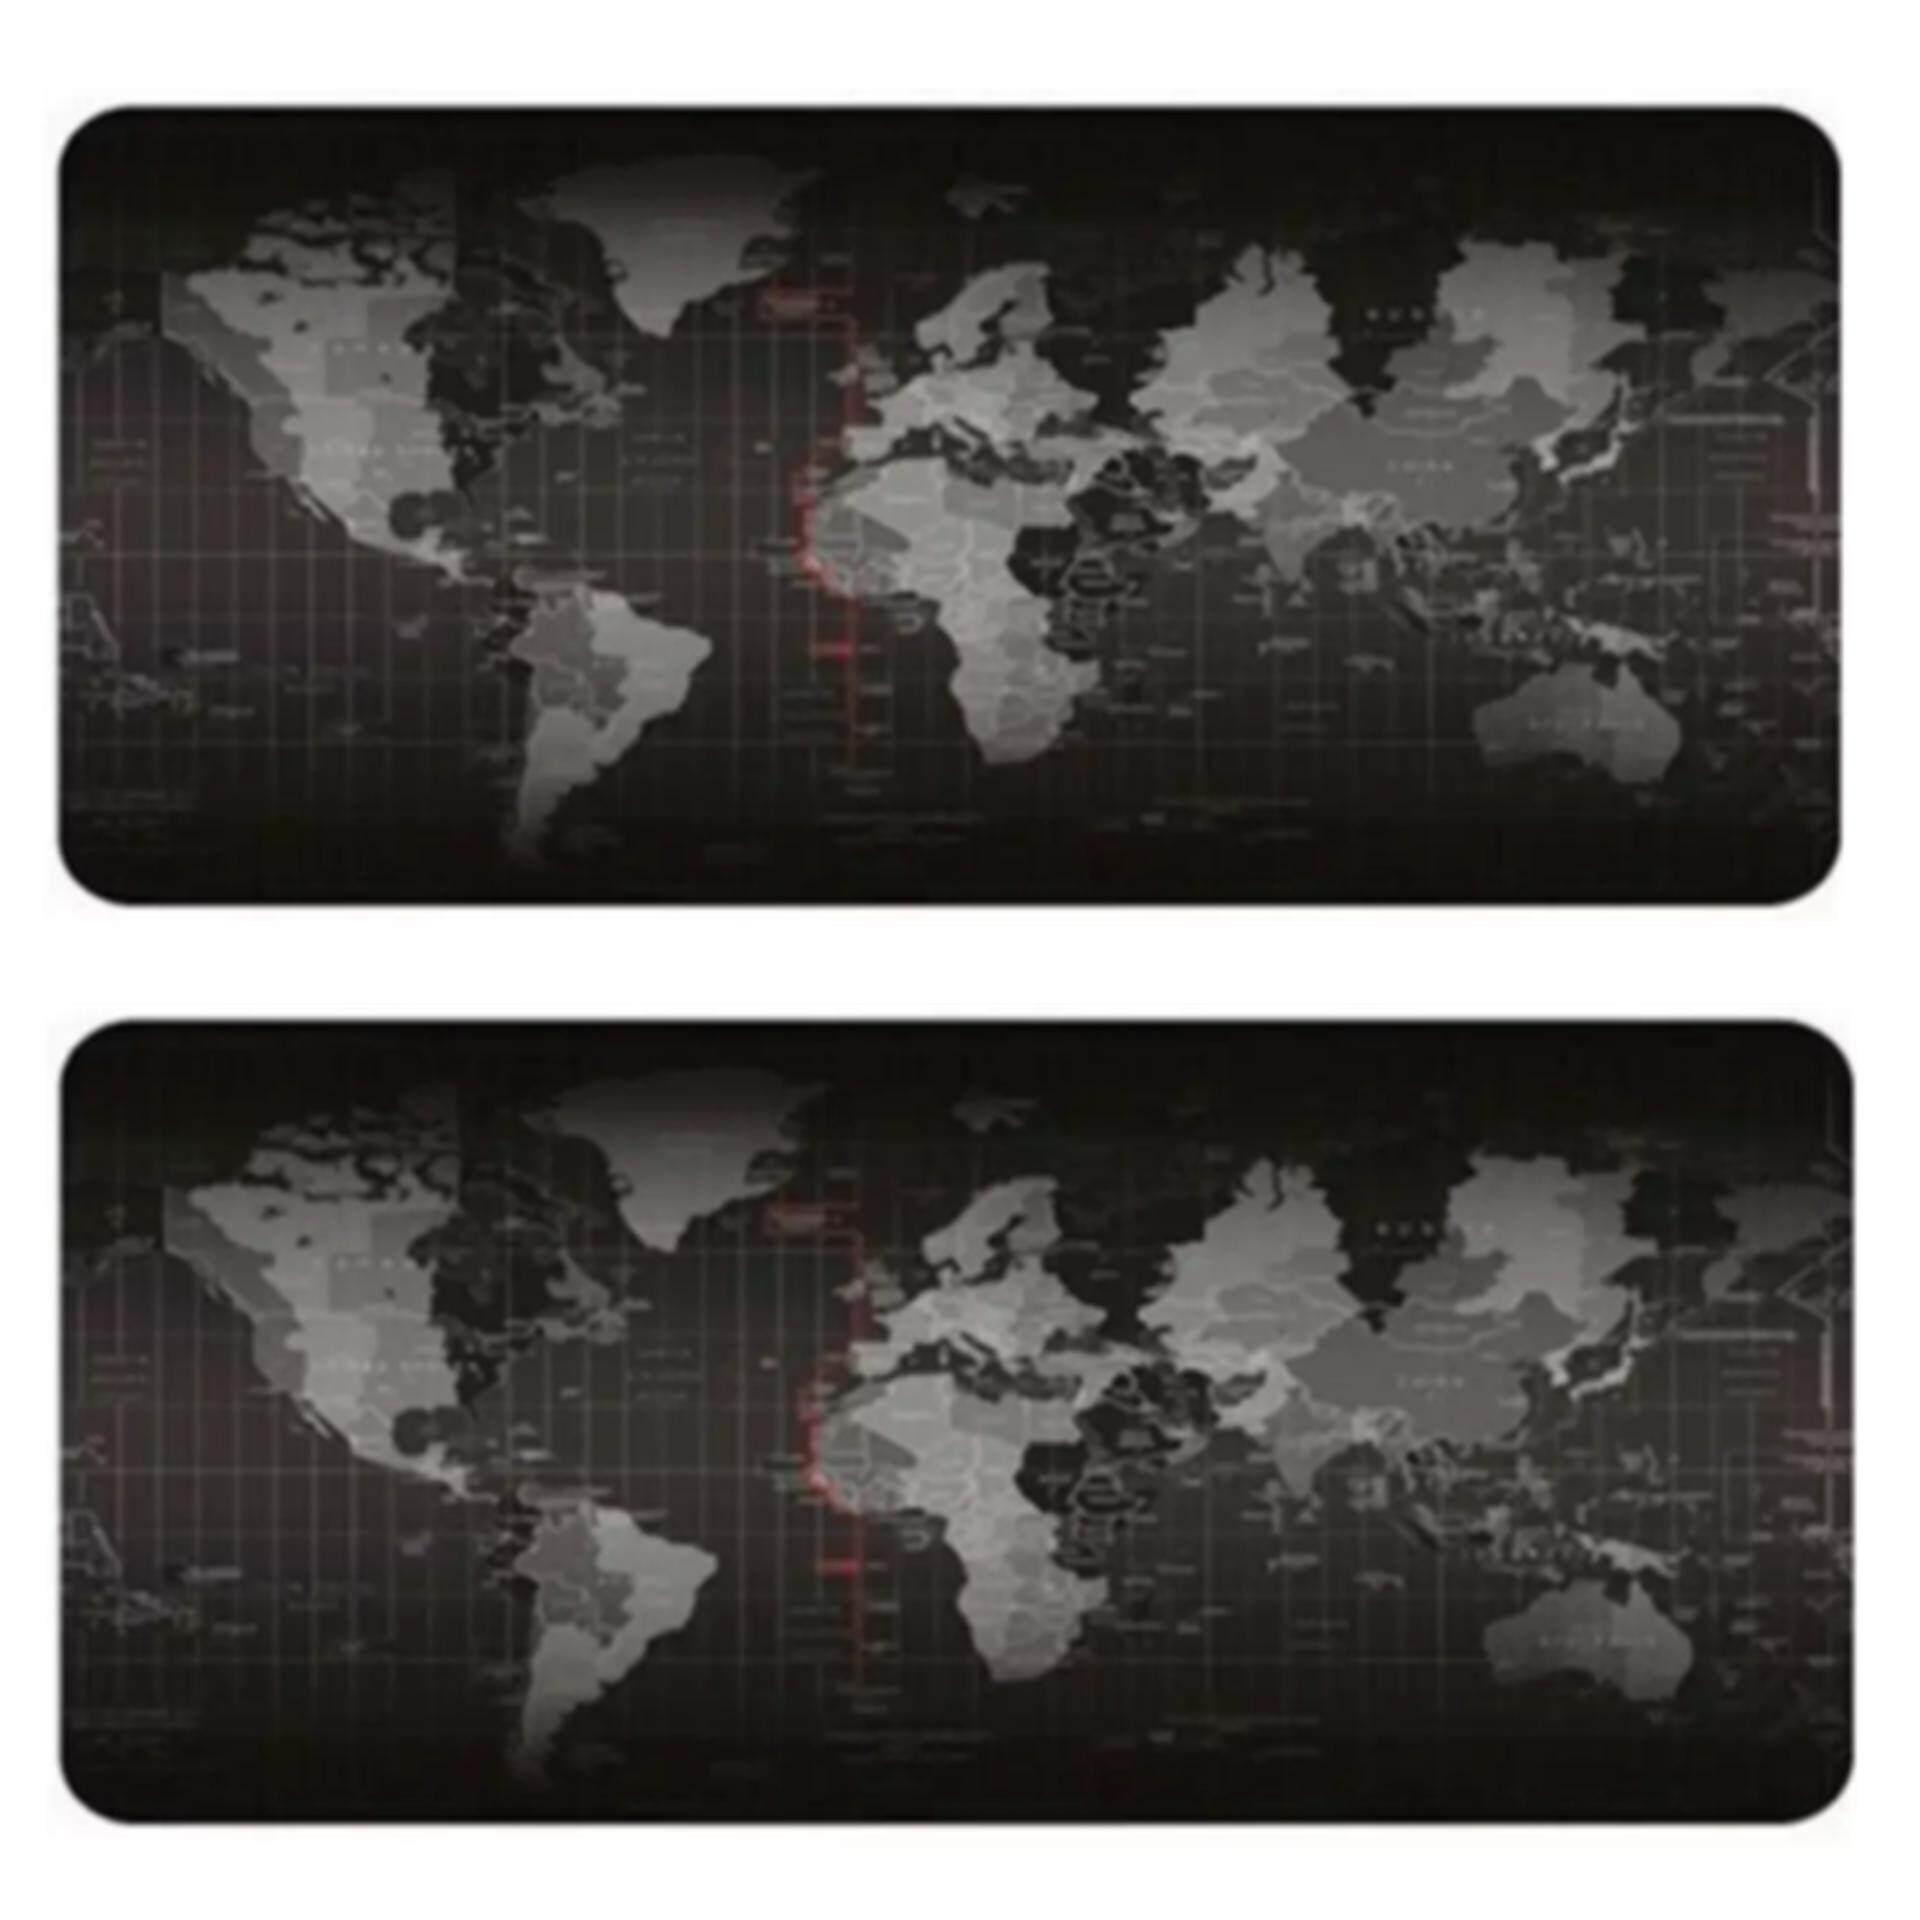 ราคา Big Size 80 X 30 Cm Mouse Pad แผ่นรองเม้าส์ ขนาดใหญ่ ใช้งานดี ลายแผนที่โลก 2ชิ้น Unbranded Generic เป็นต้นฉบับ